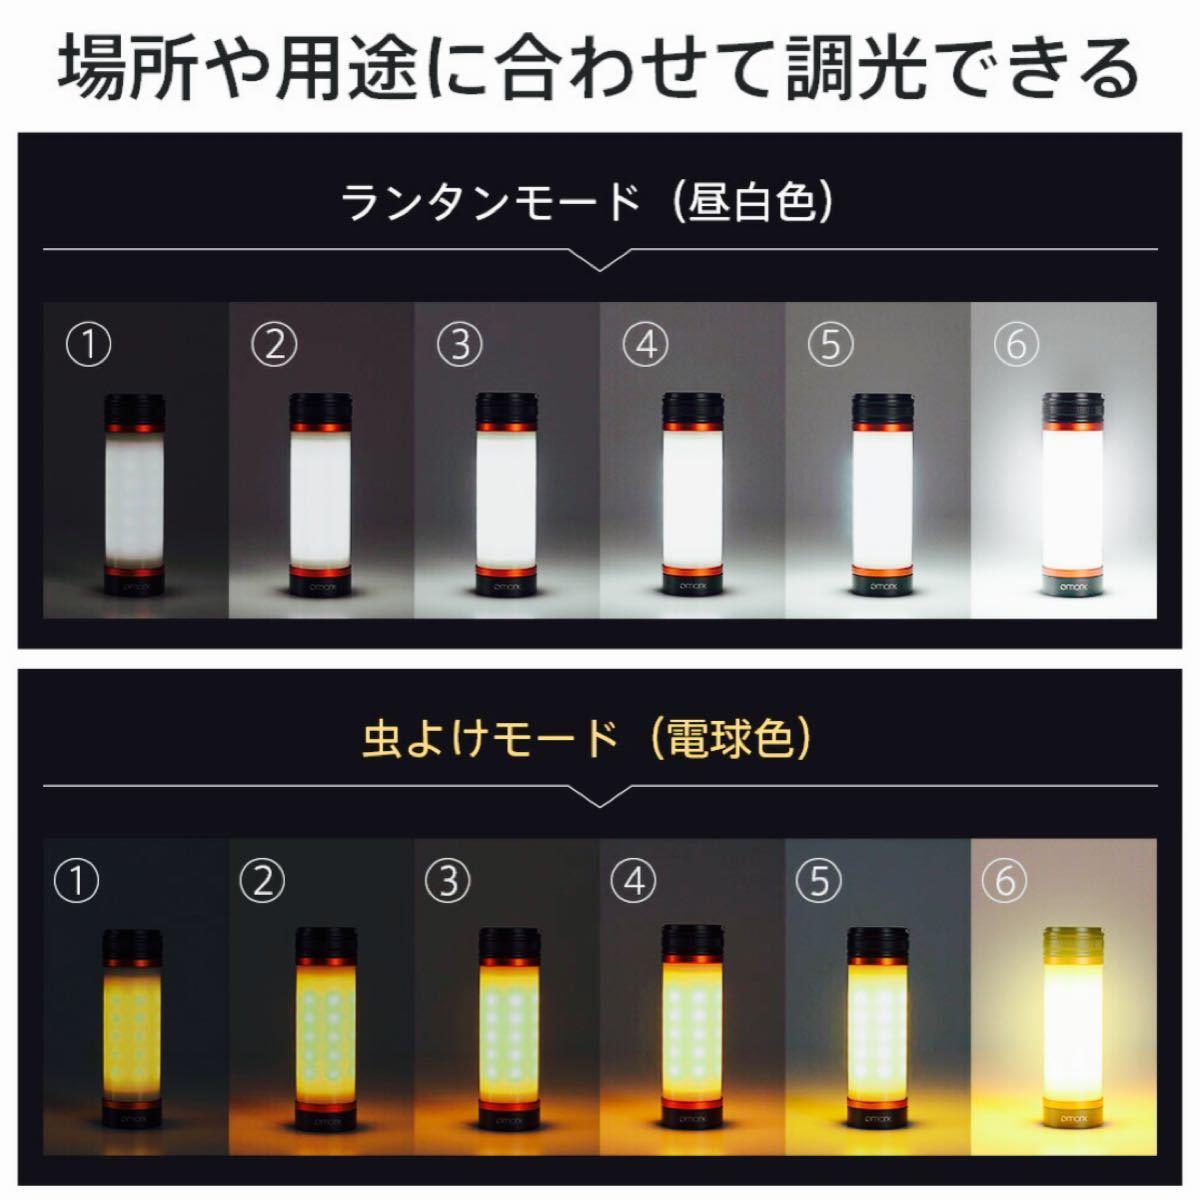 ランタン!即購入OK!4way設置 電池不要 充電式 アウトドア 応急用 警告灯 非常信号灯